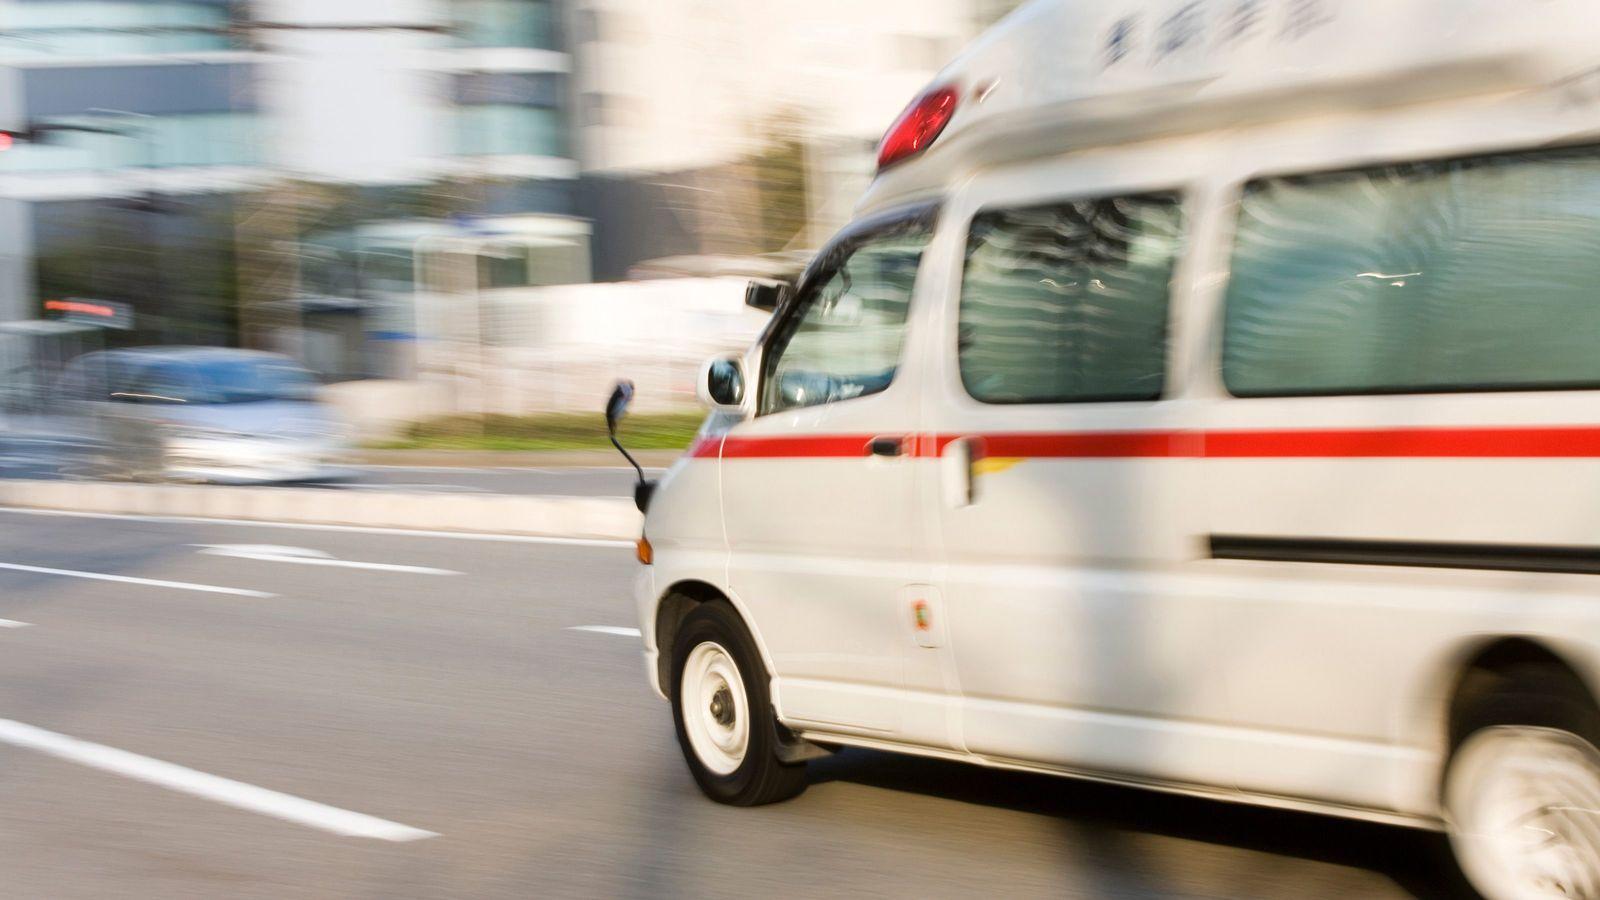 「死なせて」という求めに救急隊は応じるべきか 人生100年時代を喜べない日本社会